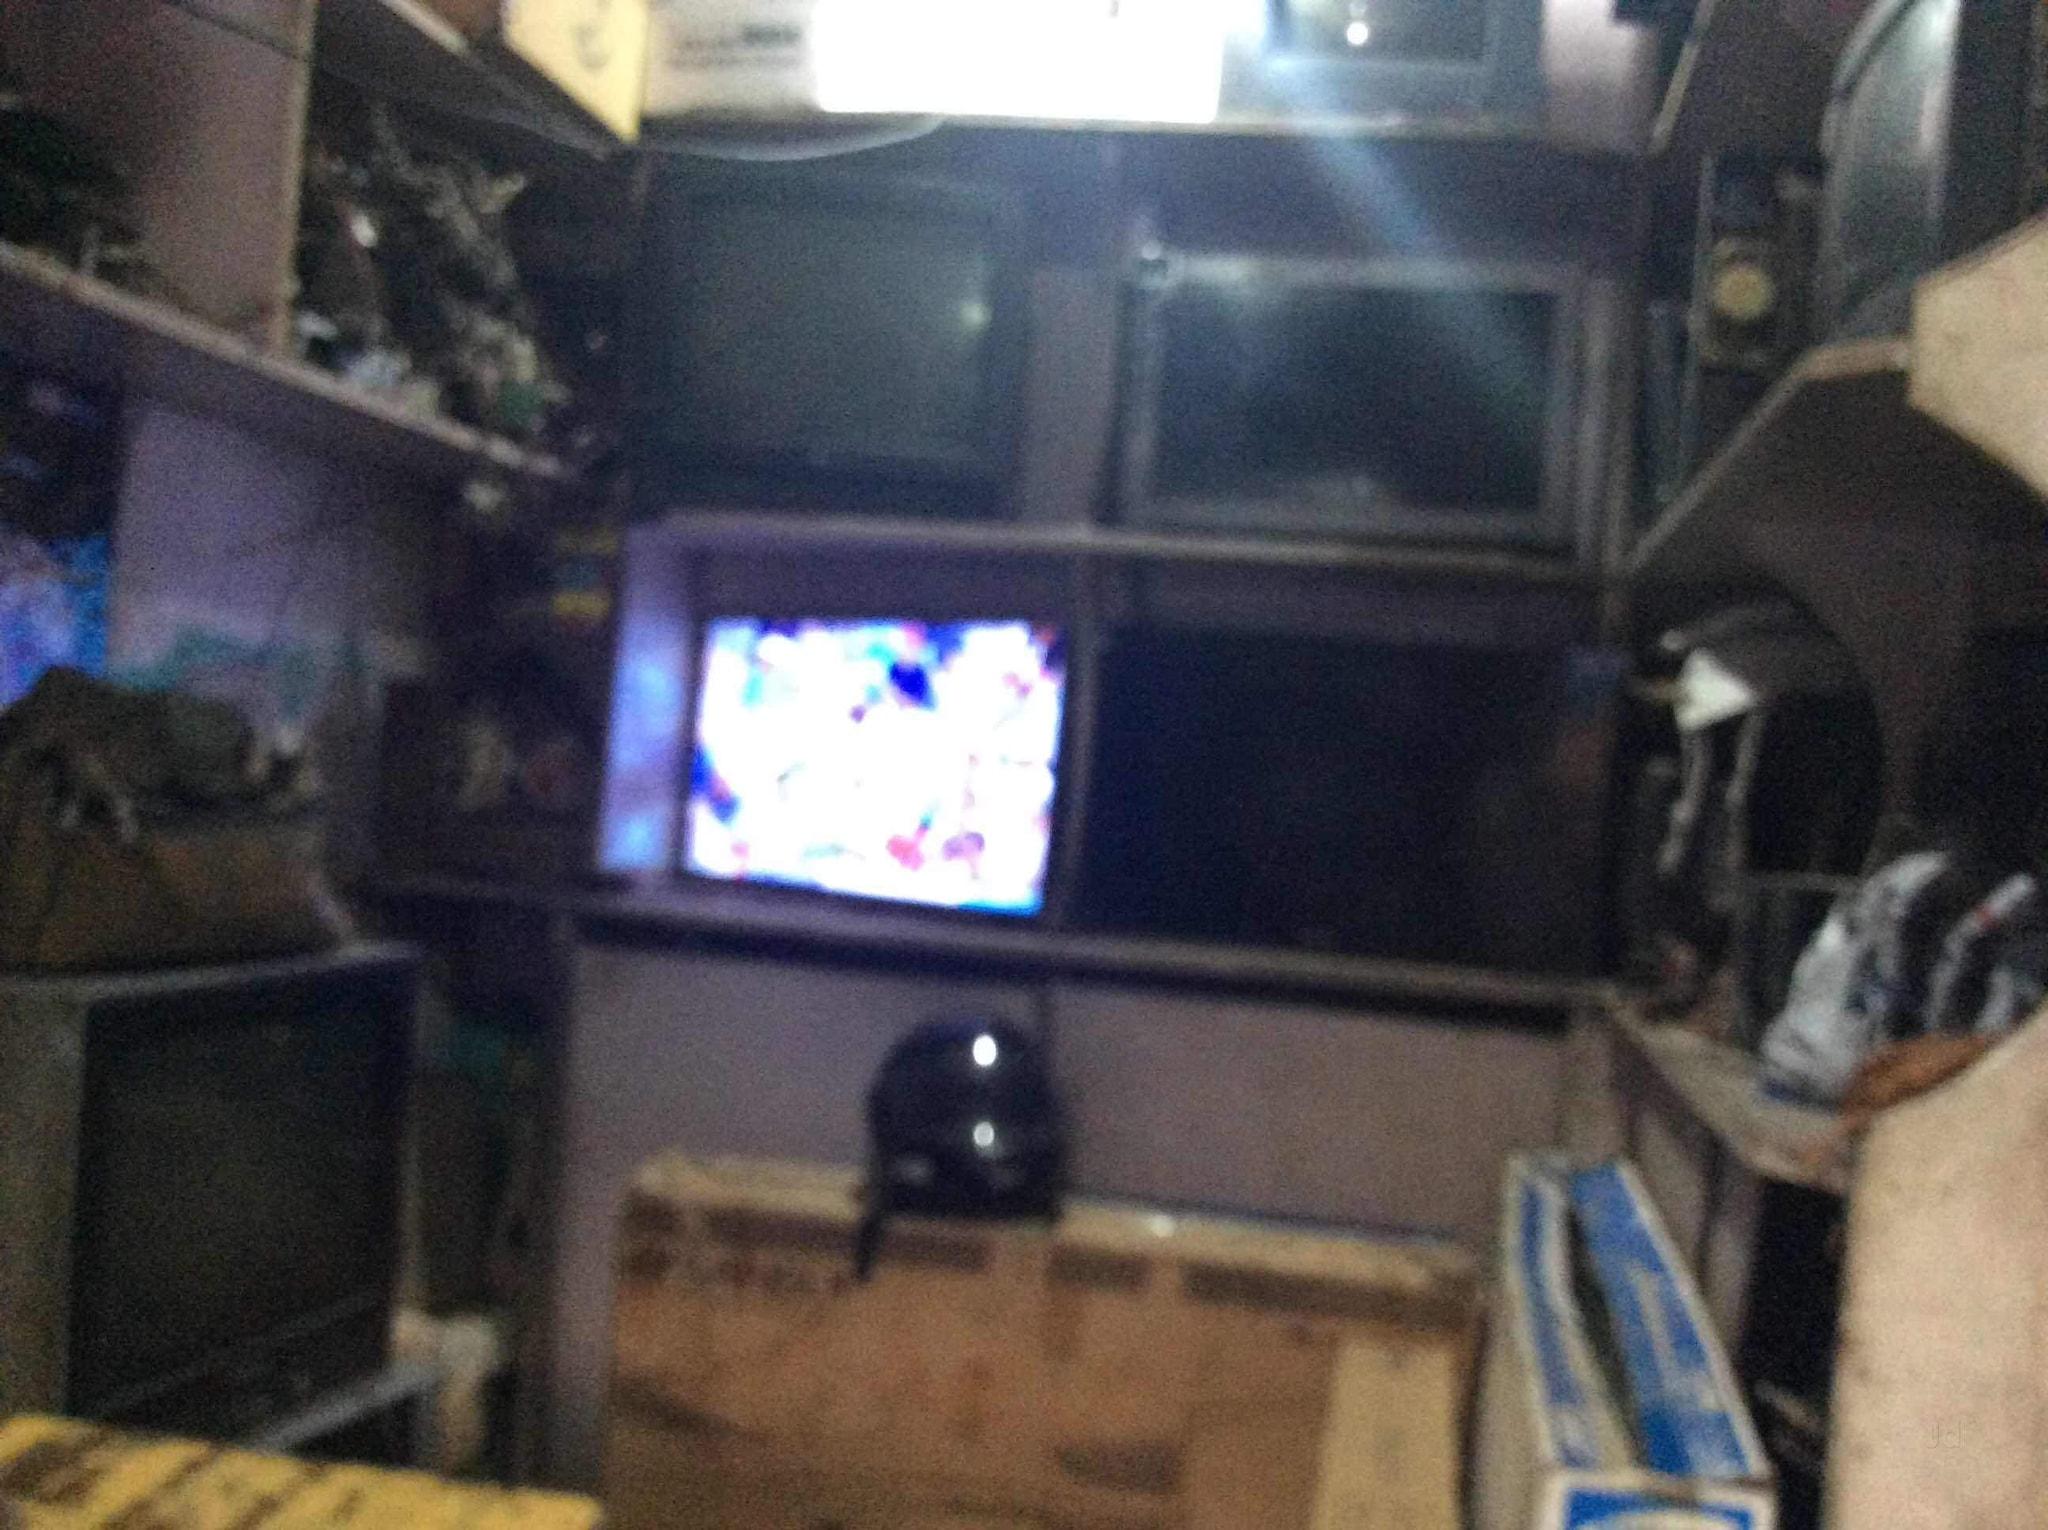 Top 10 LED TV Repair Services in Bawal, Rewari - Best TV Repair